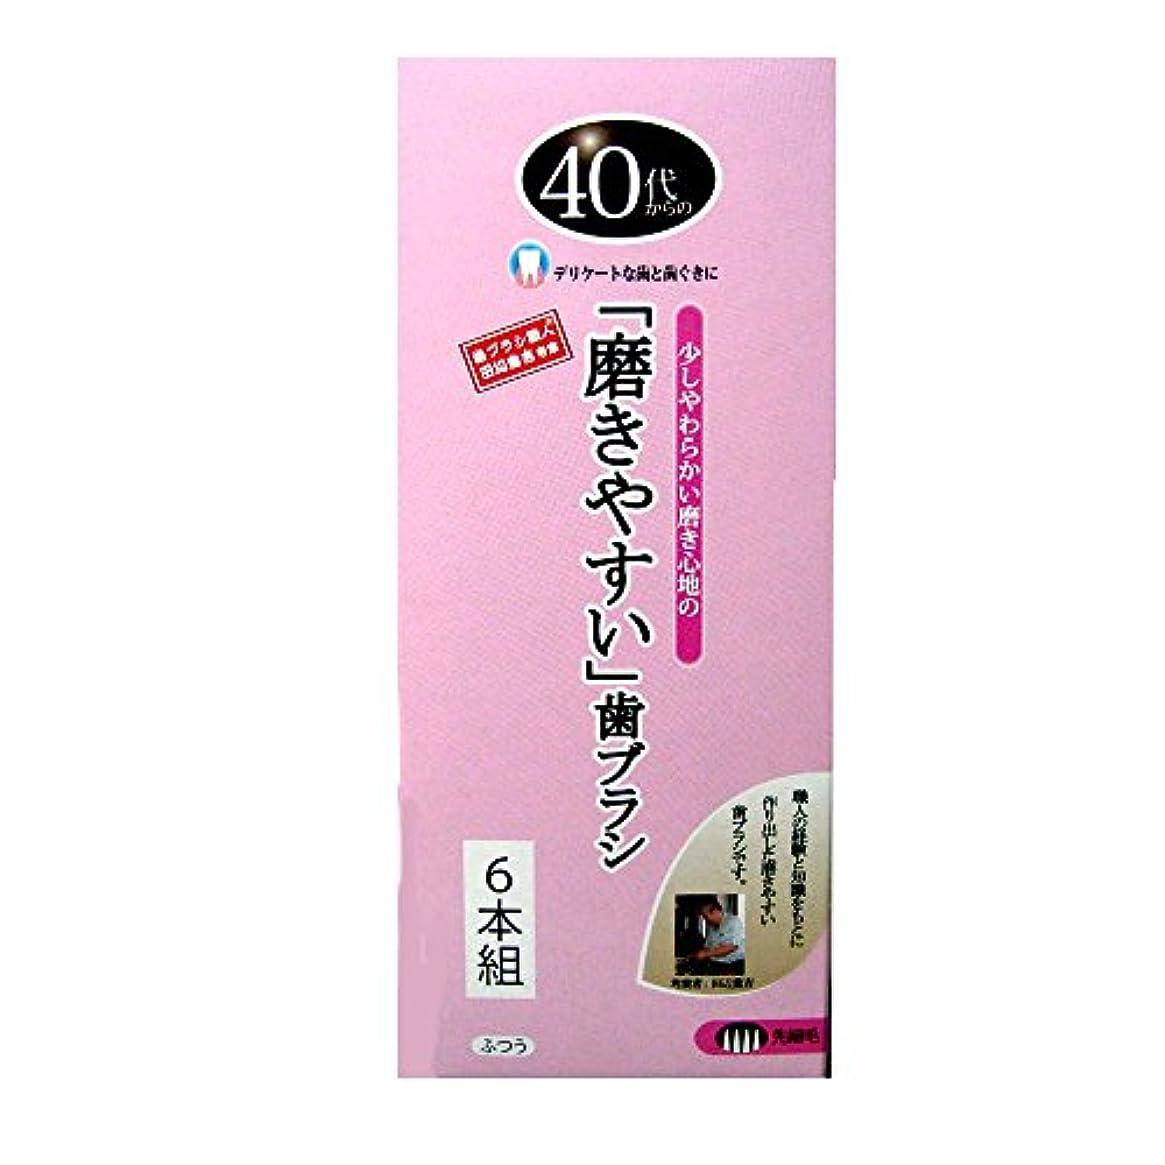 稼ぐ一部ローラーライフレンジ 磨きやすい歯ブラシ 40代から ふつう LT-115 6本組 4560292169909